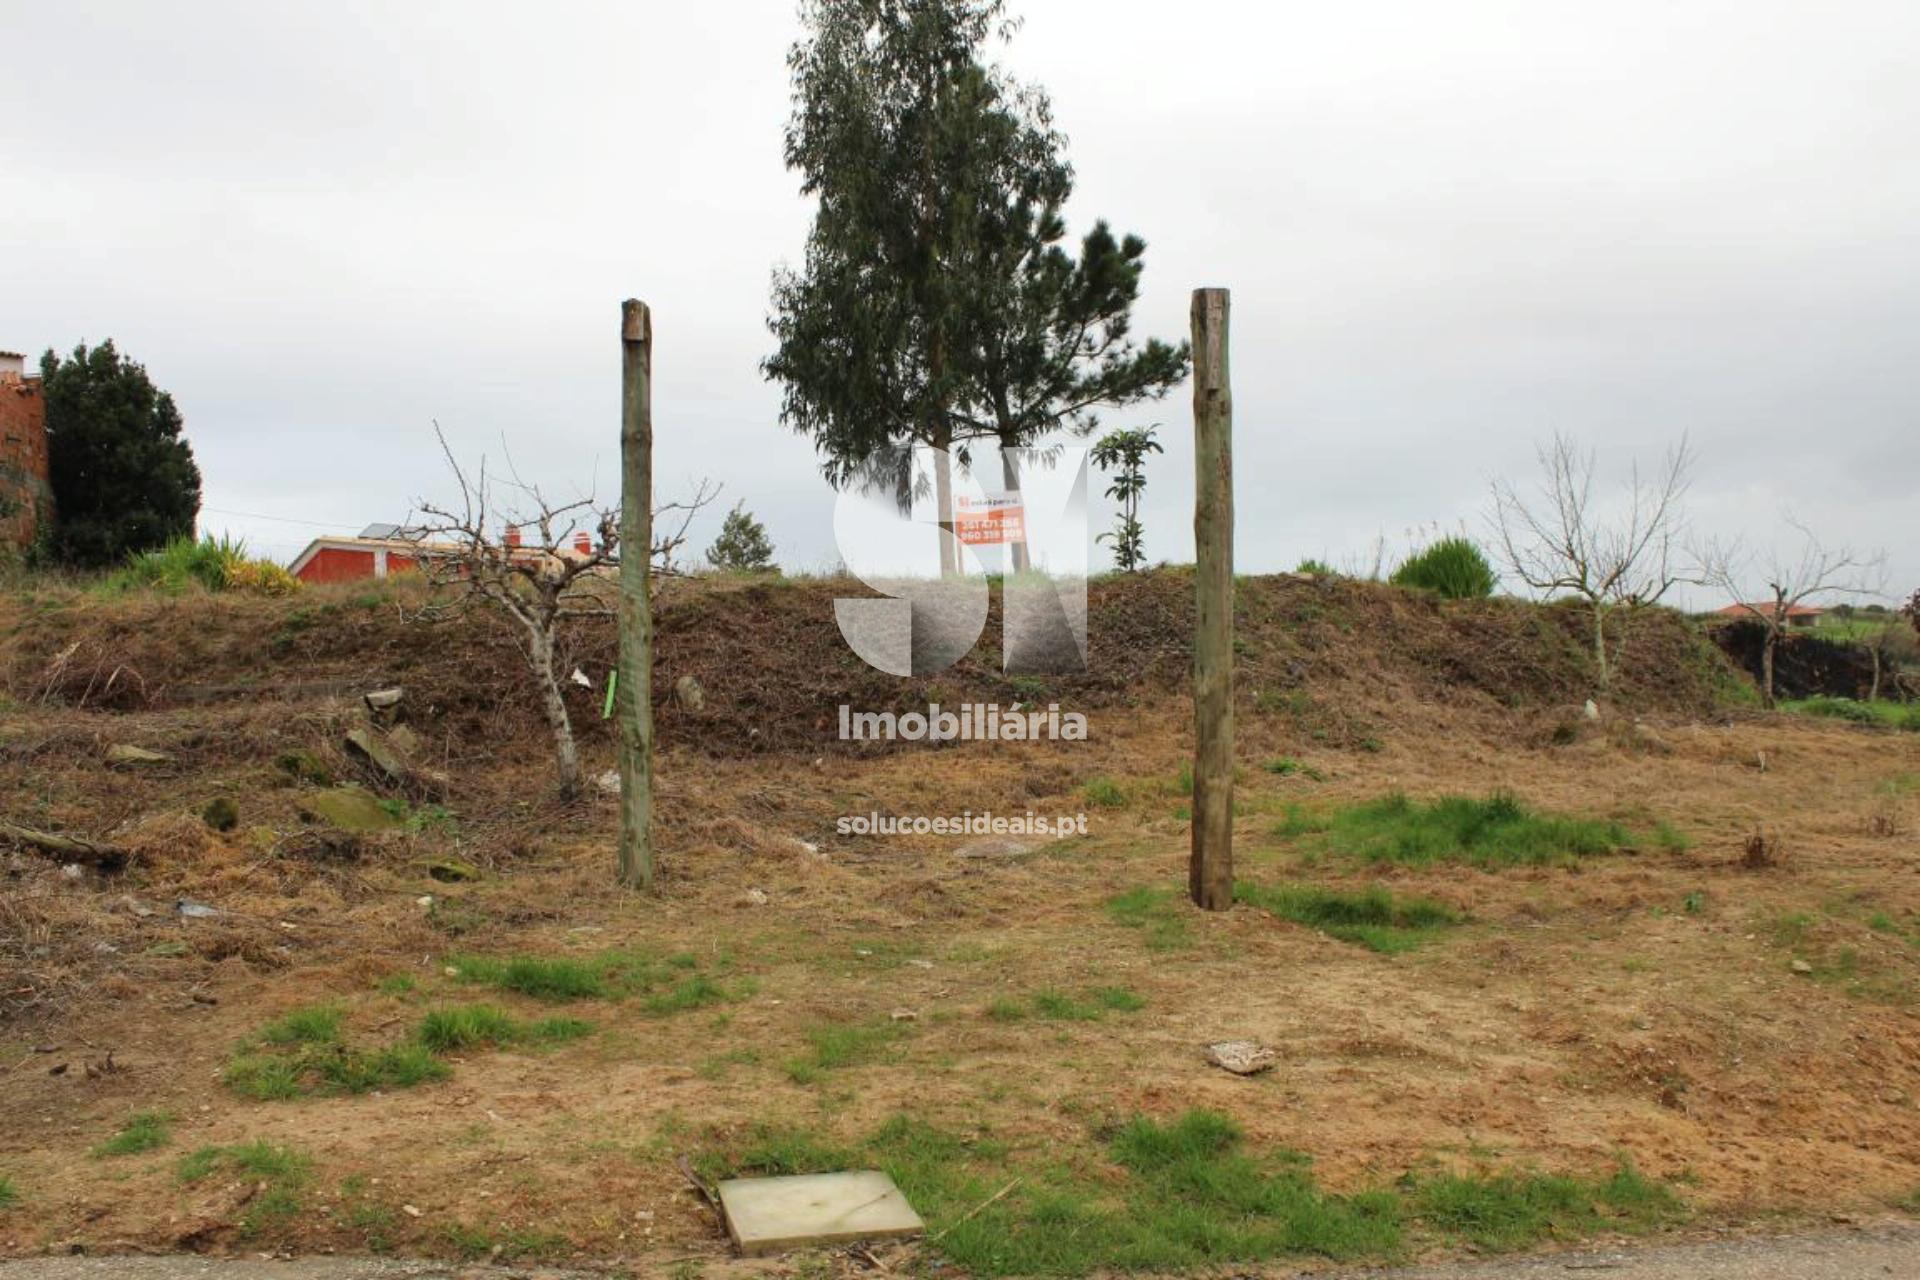 terreno para compra em lourinha uniao das freguesias de miragaia e marteleira LFCPM425